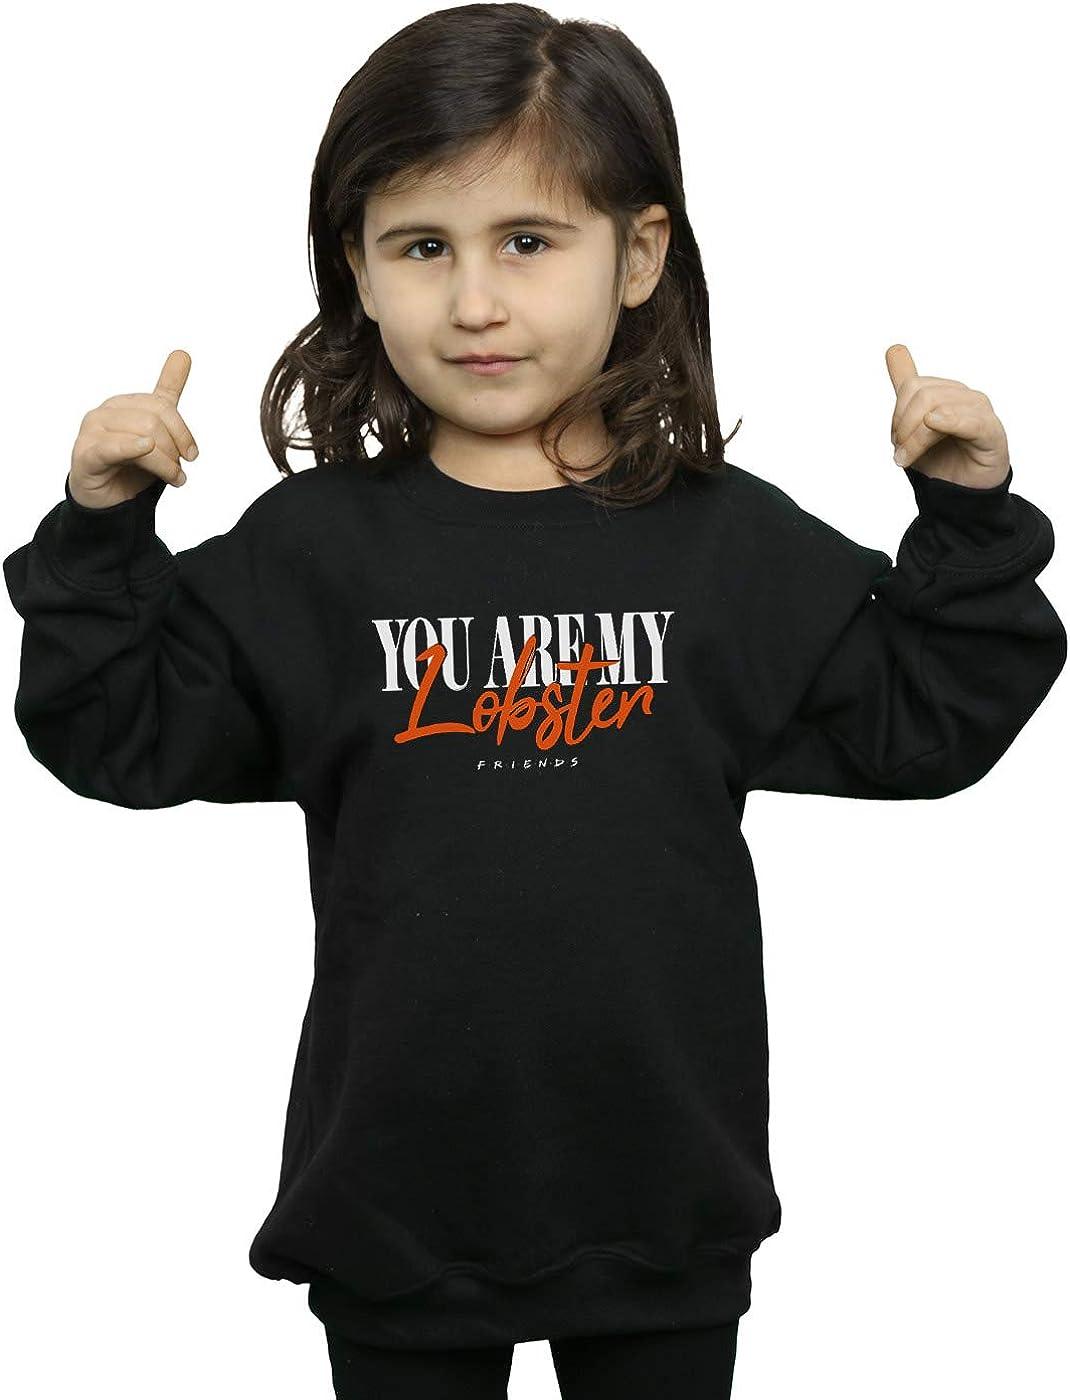 Friends Girls Lobster Soul Mates Sweatshirt